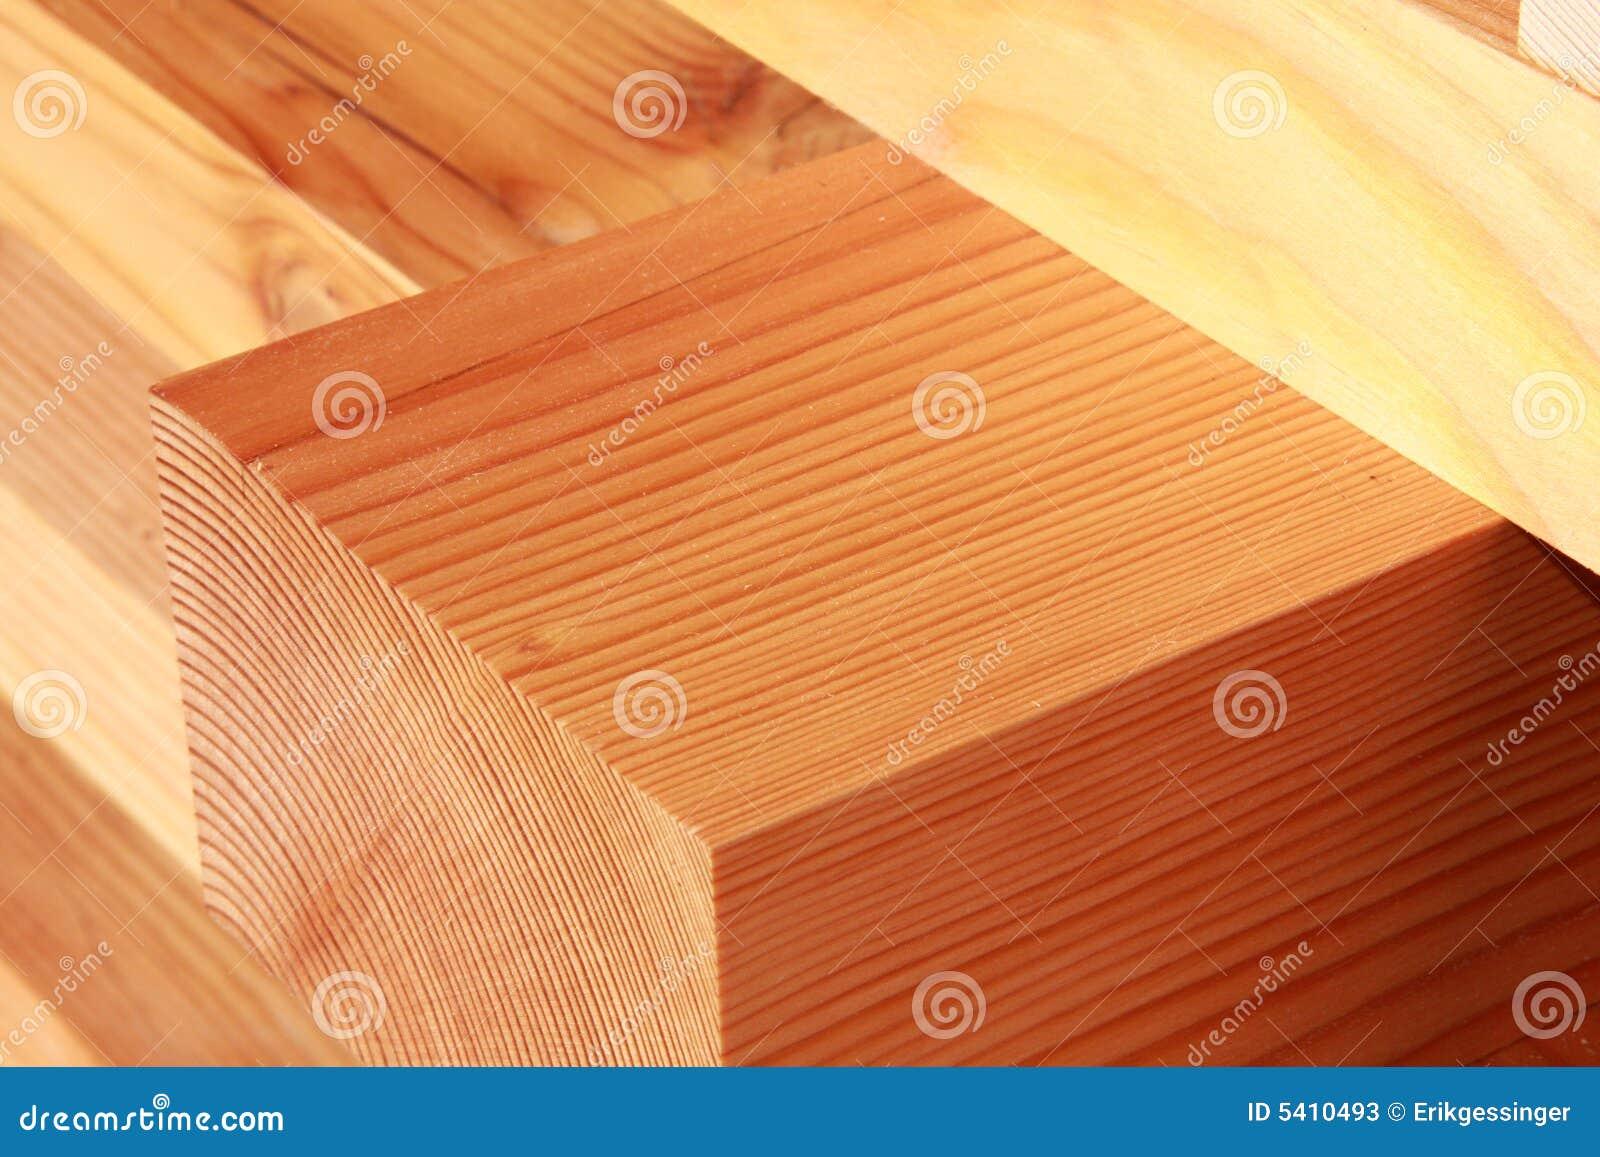 Bragueros reclamados de la madera del abeto imagen de - Madera de abeto ...